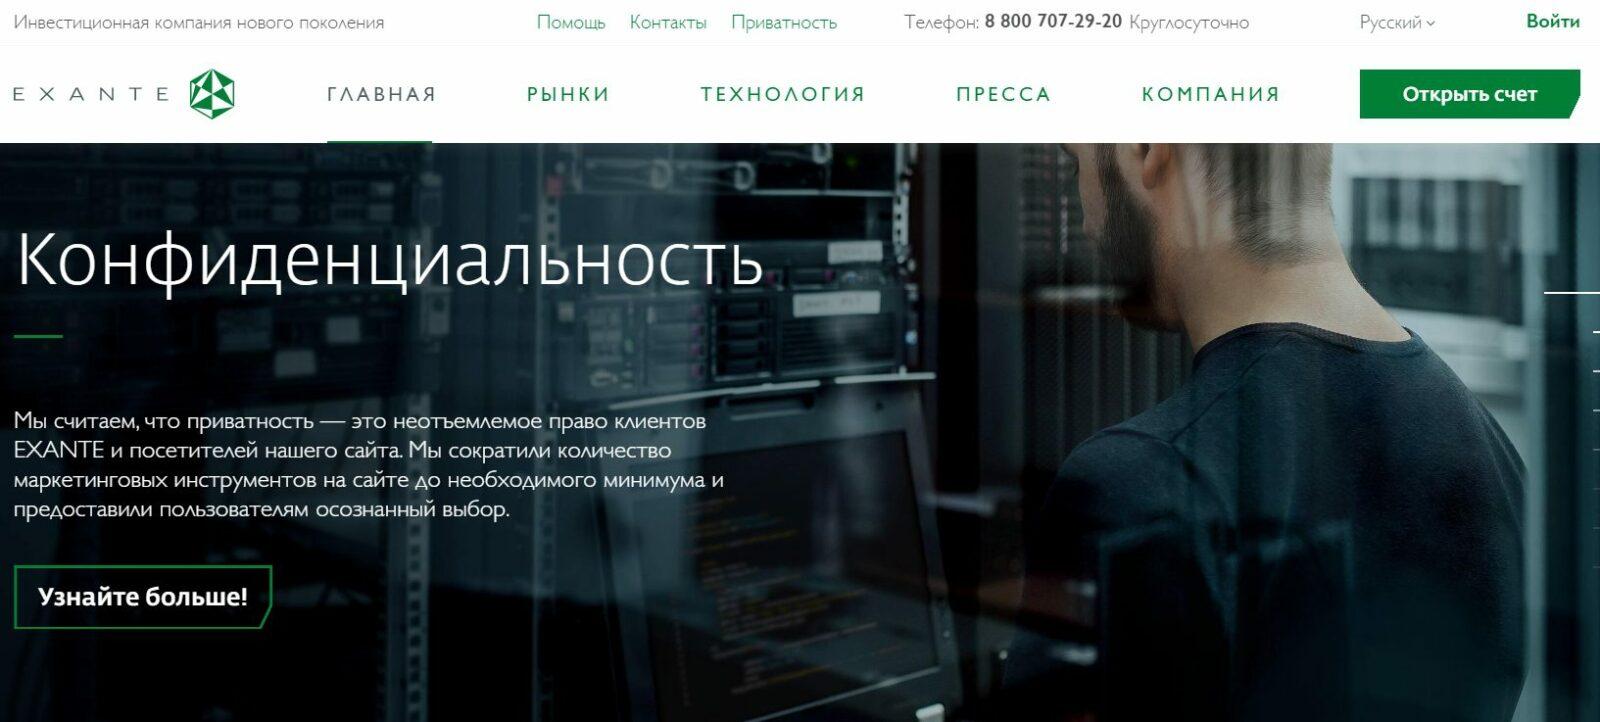 Сайт брокера Exante.eu